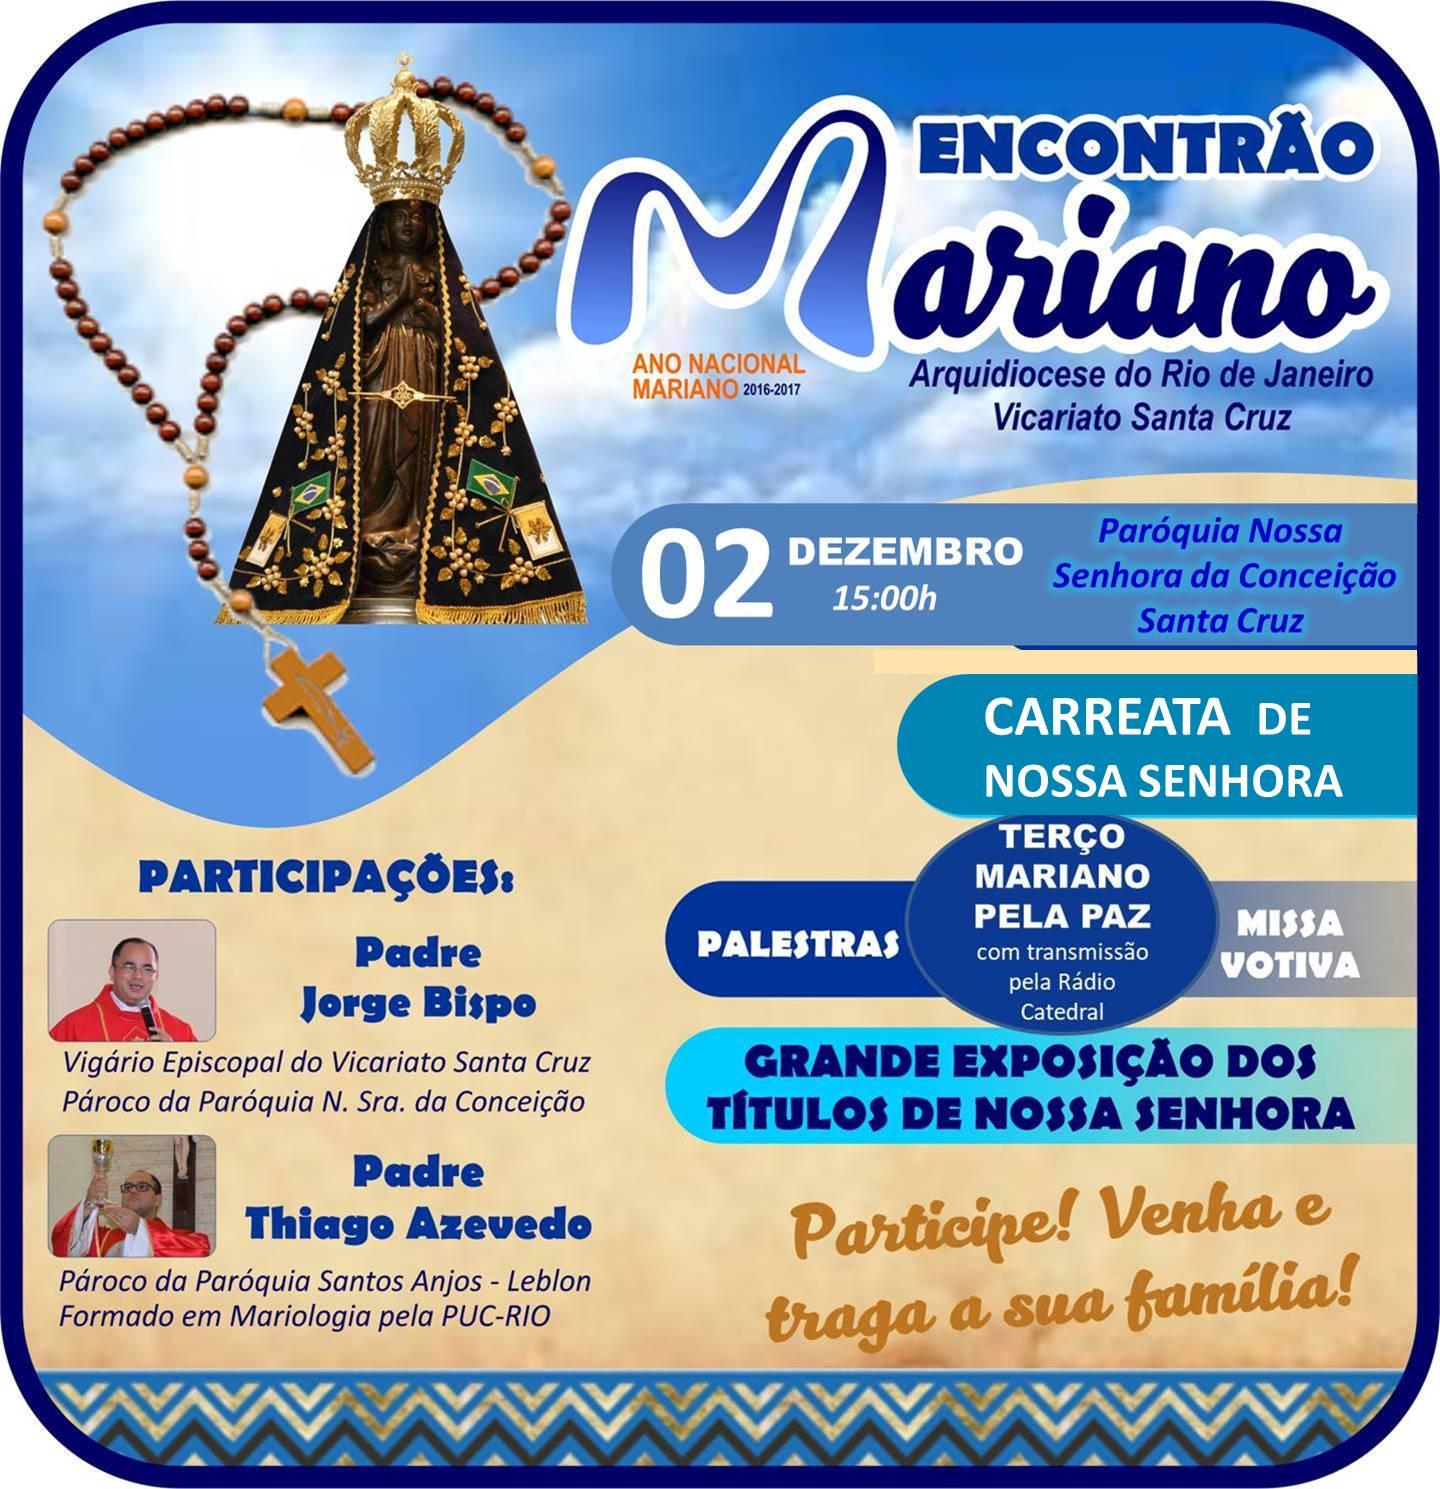 ENCONTRÃO MARIANO